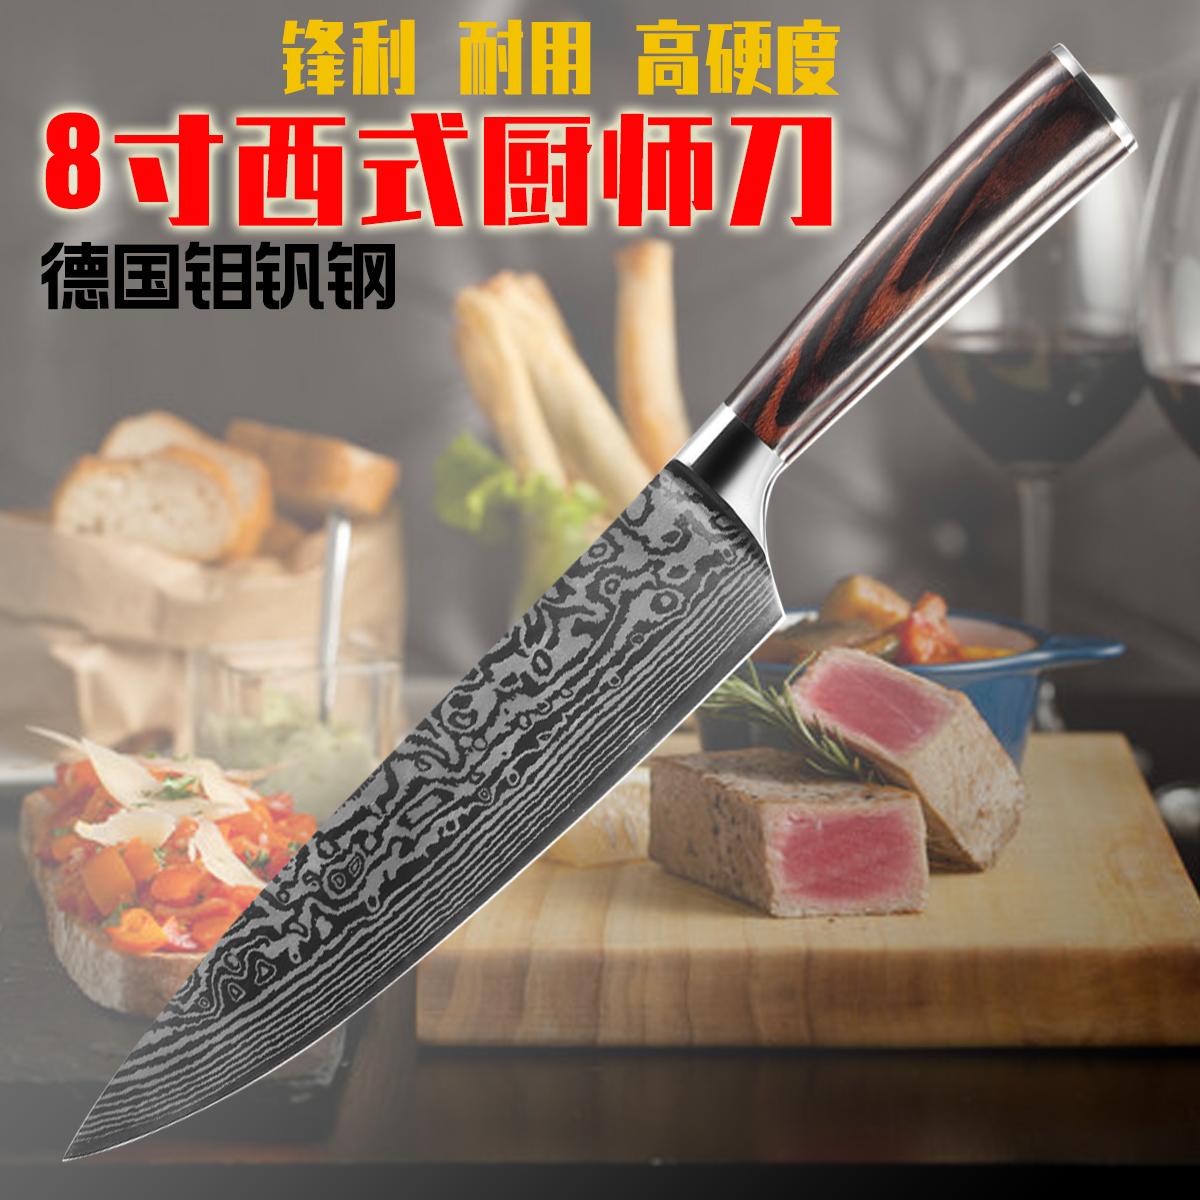 YAMY&CK Лазерный узор-2 Нержавеющая сталь магия кухни magic kitchen выпекание торт резки пилы из нержавеющей стали хлебный нож зубчатый нож зубчатый нож